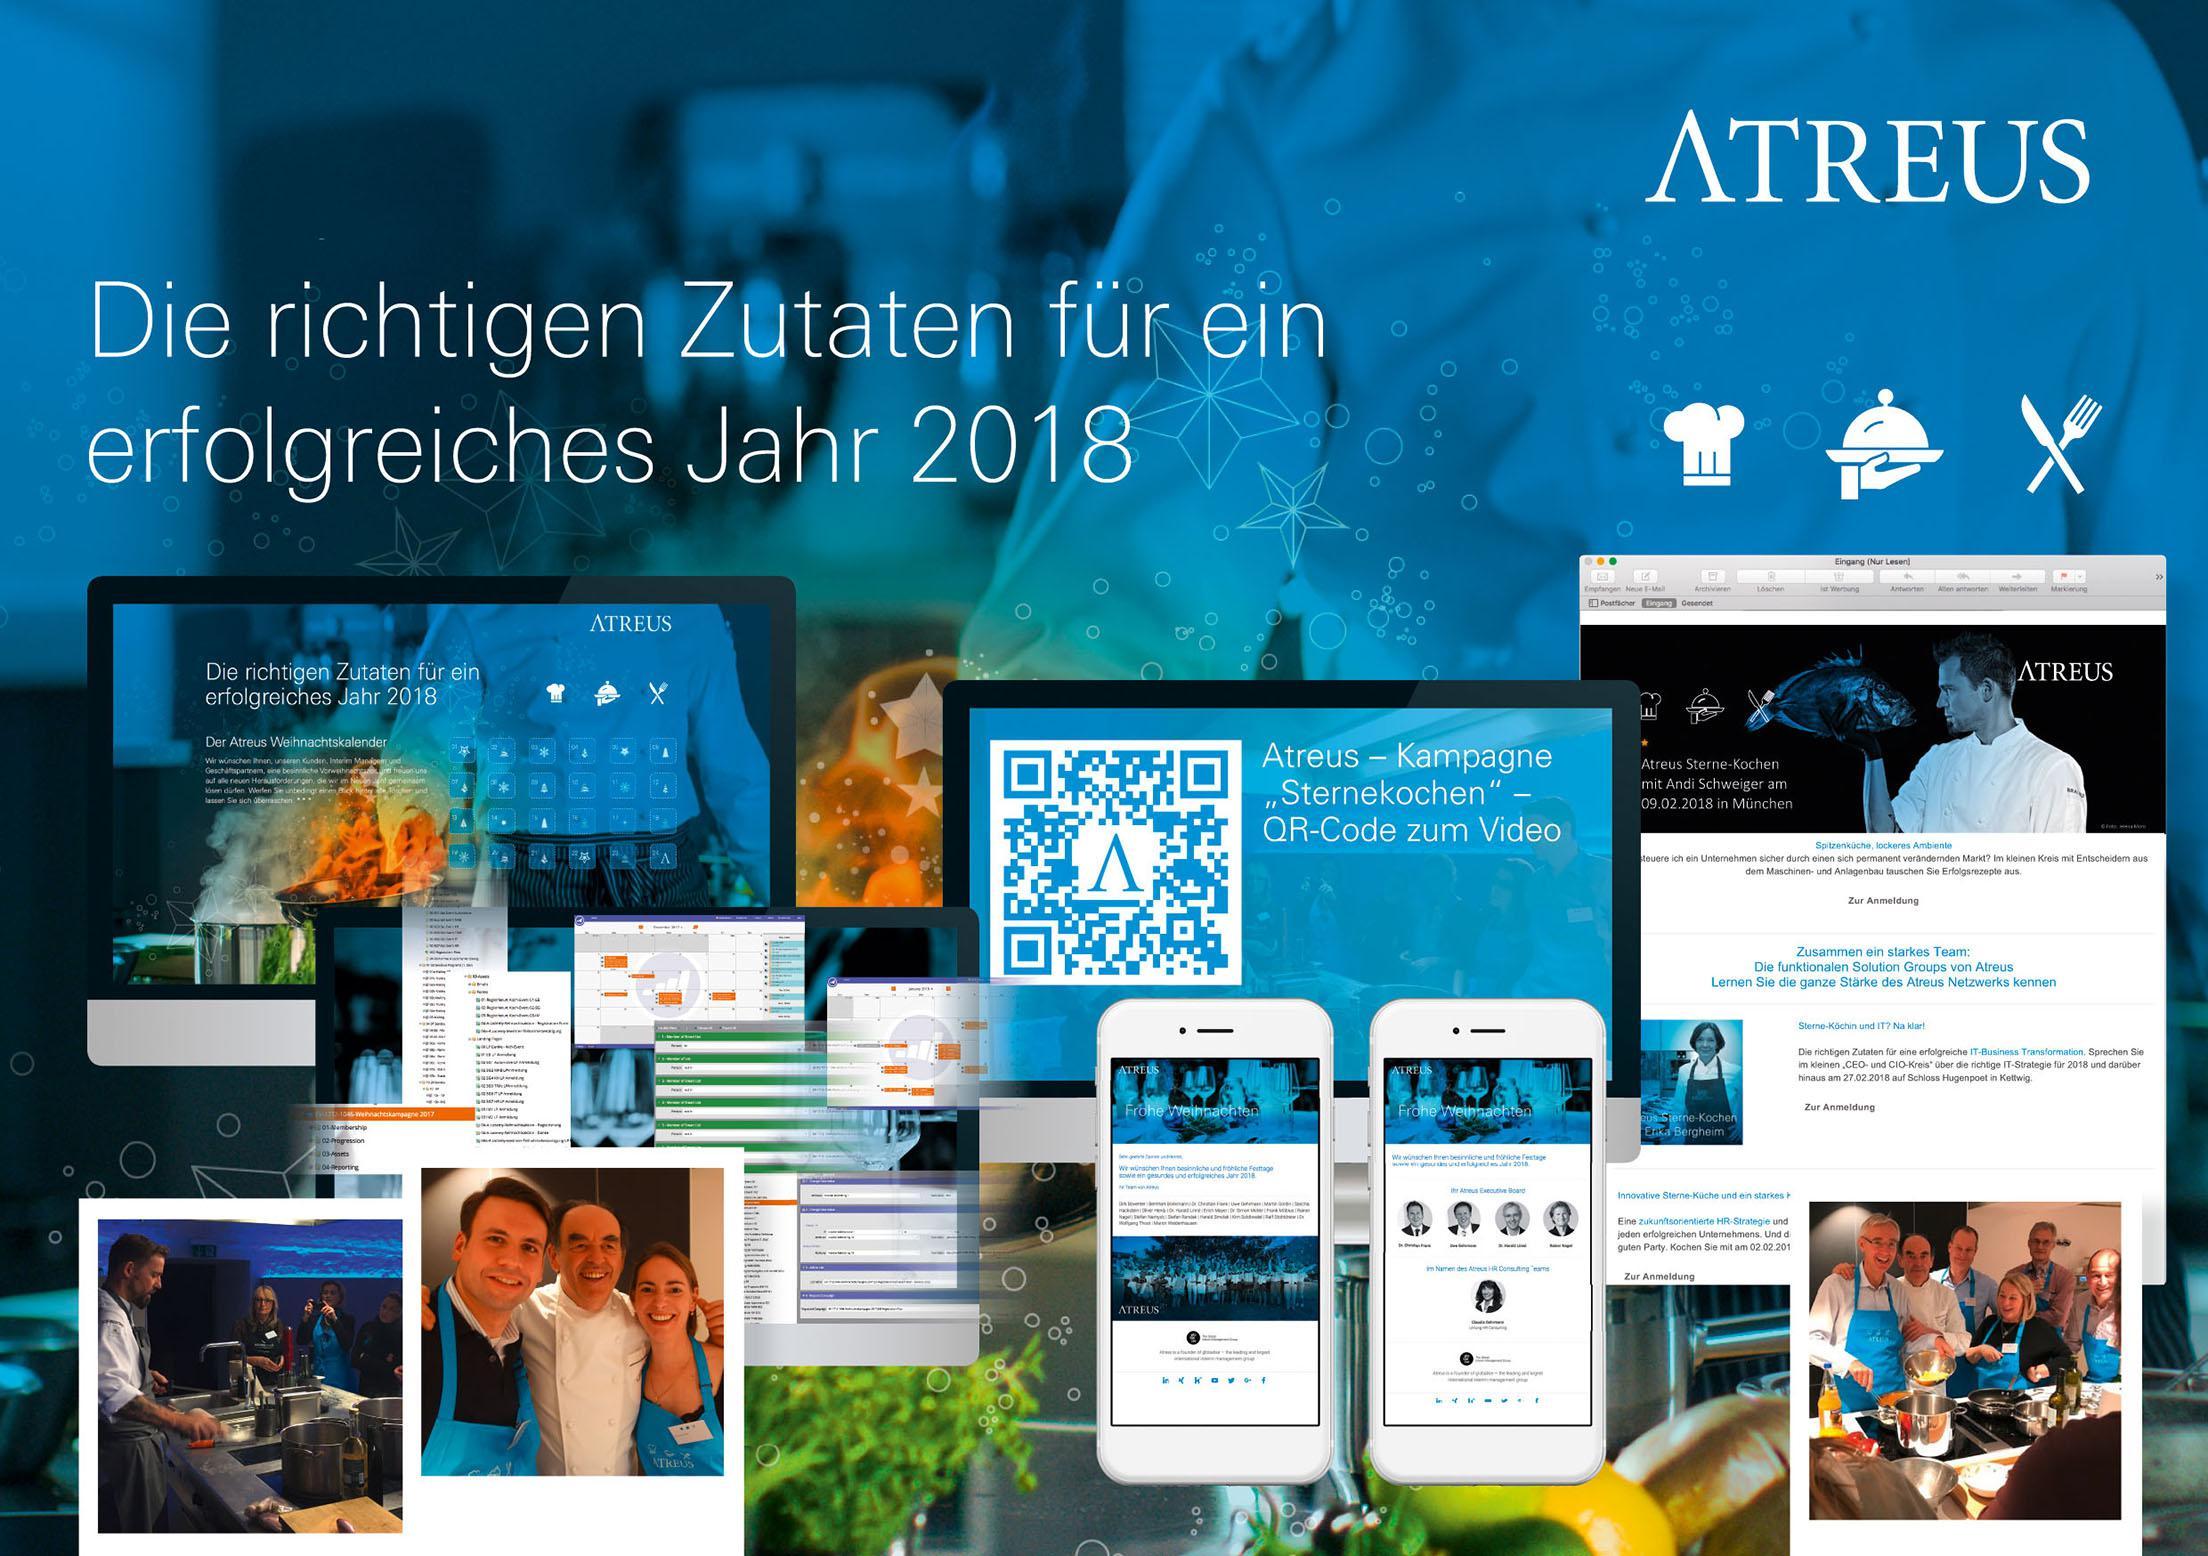 Kleiner Weihnachtskalender.Atreus Sterne Kochen 2018 Special Mention Brand Creation